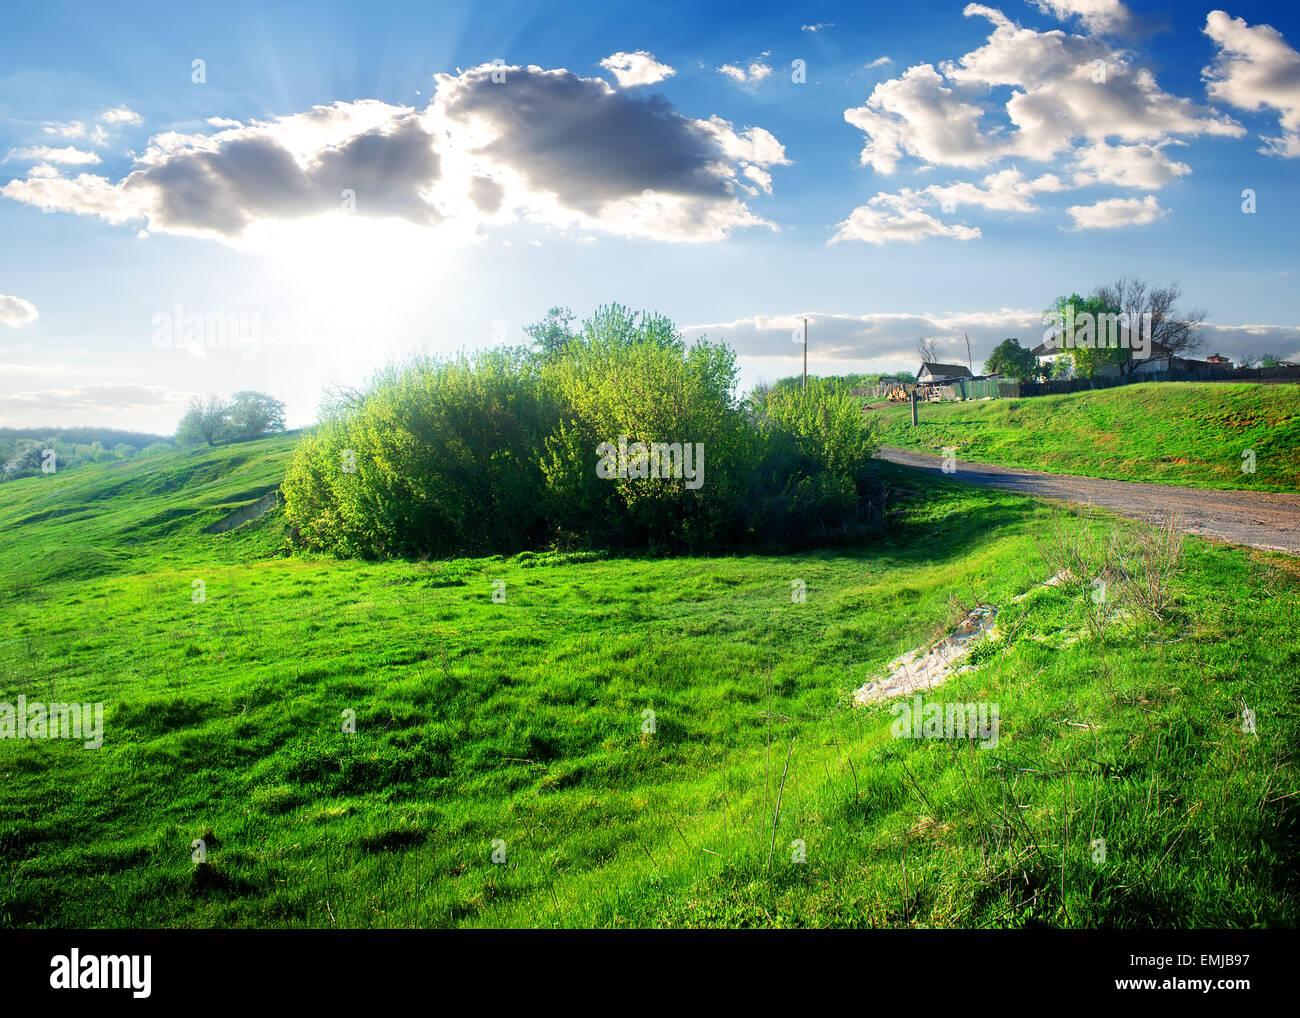 Maisons dans un petit village près de green field Photo Stock